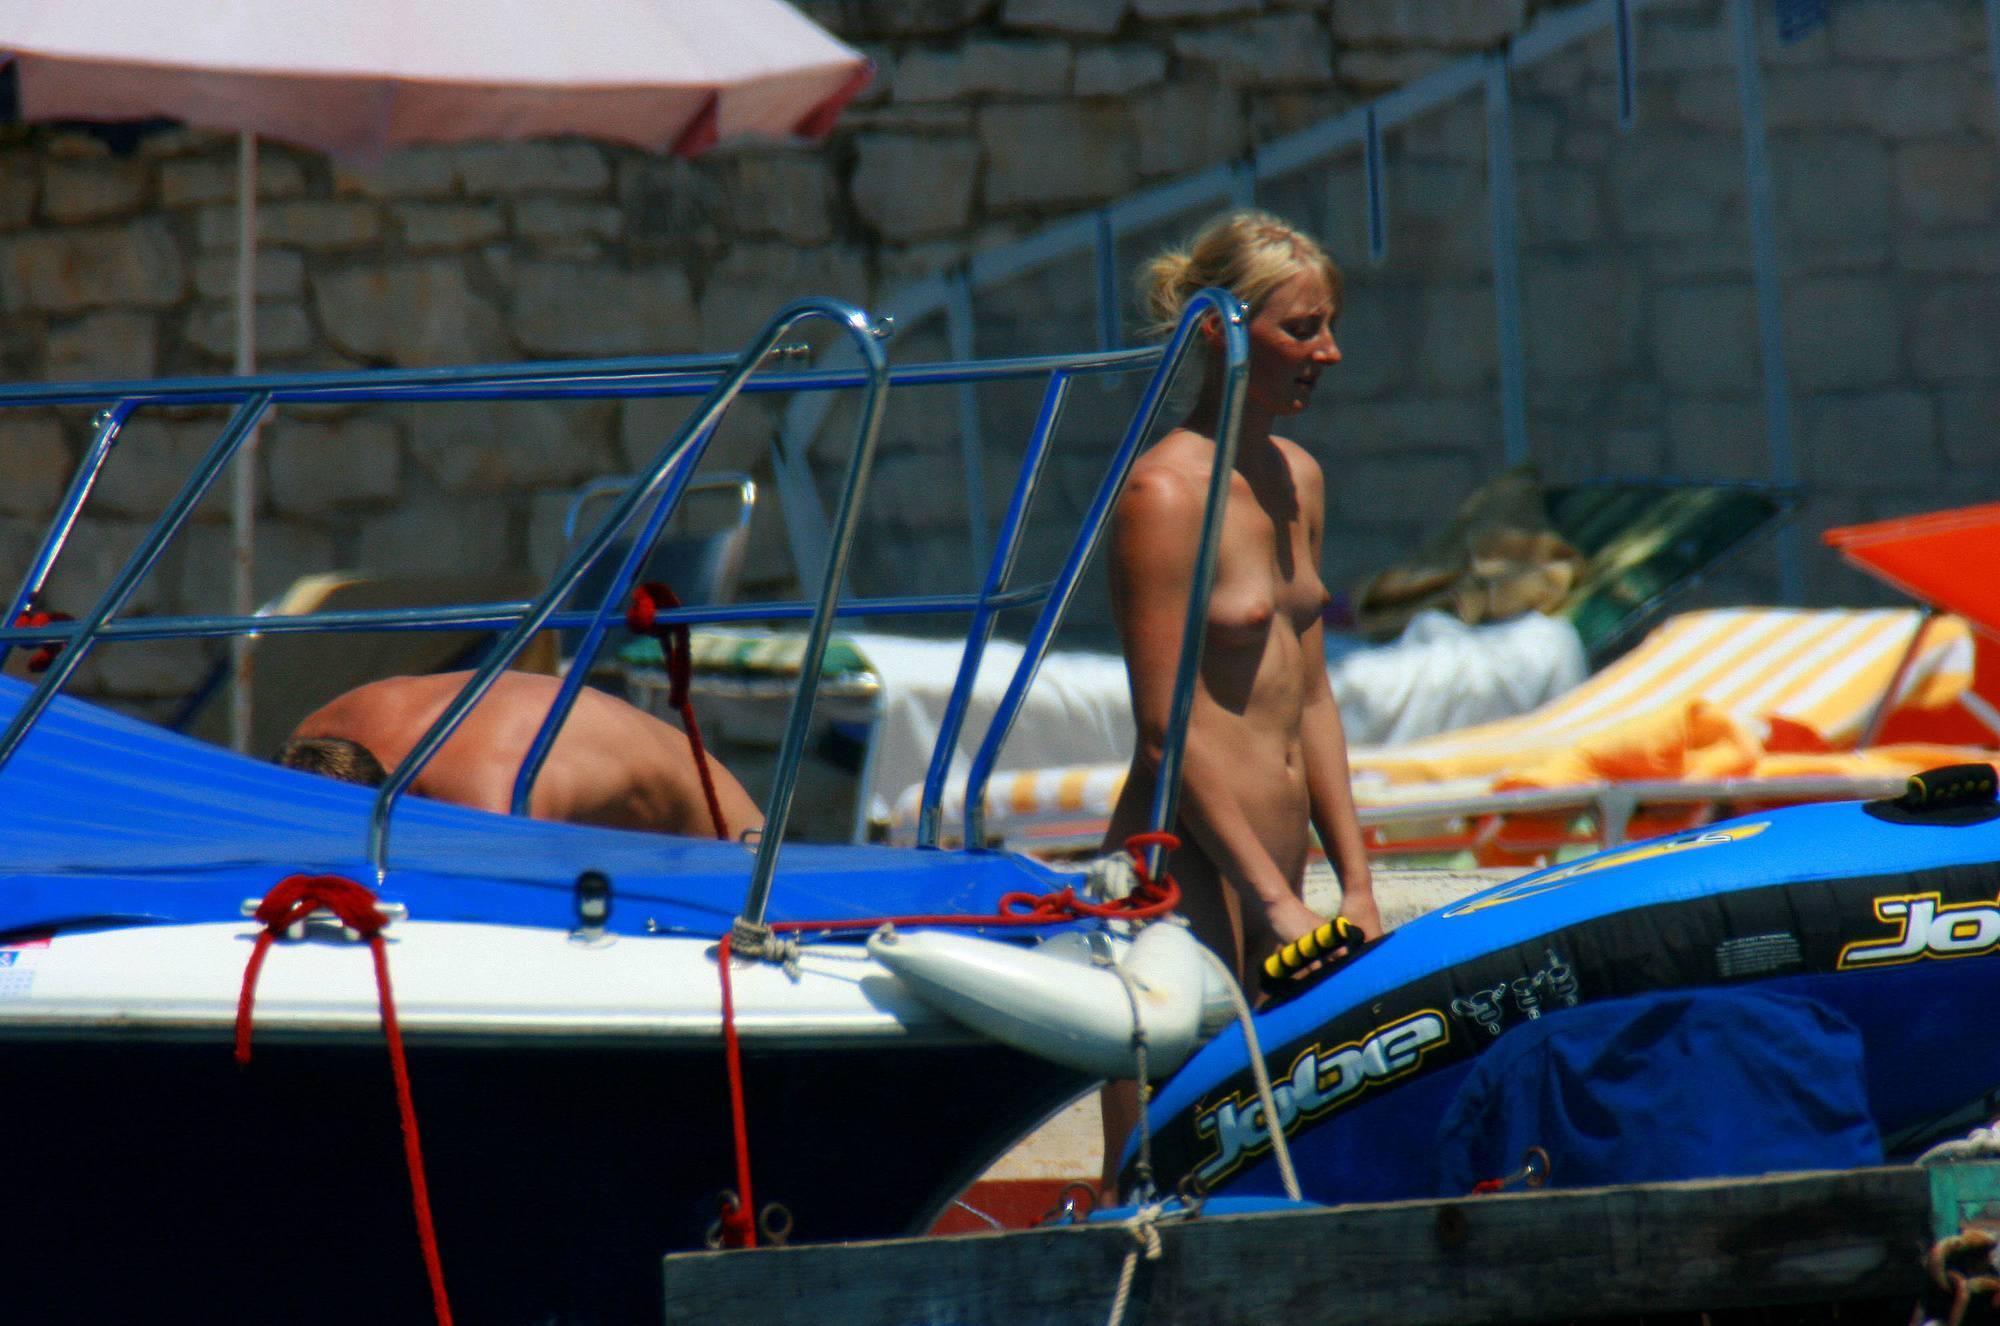 Uka FKK Boating Day Plans - 1